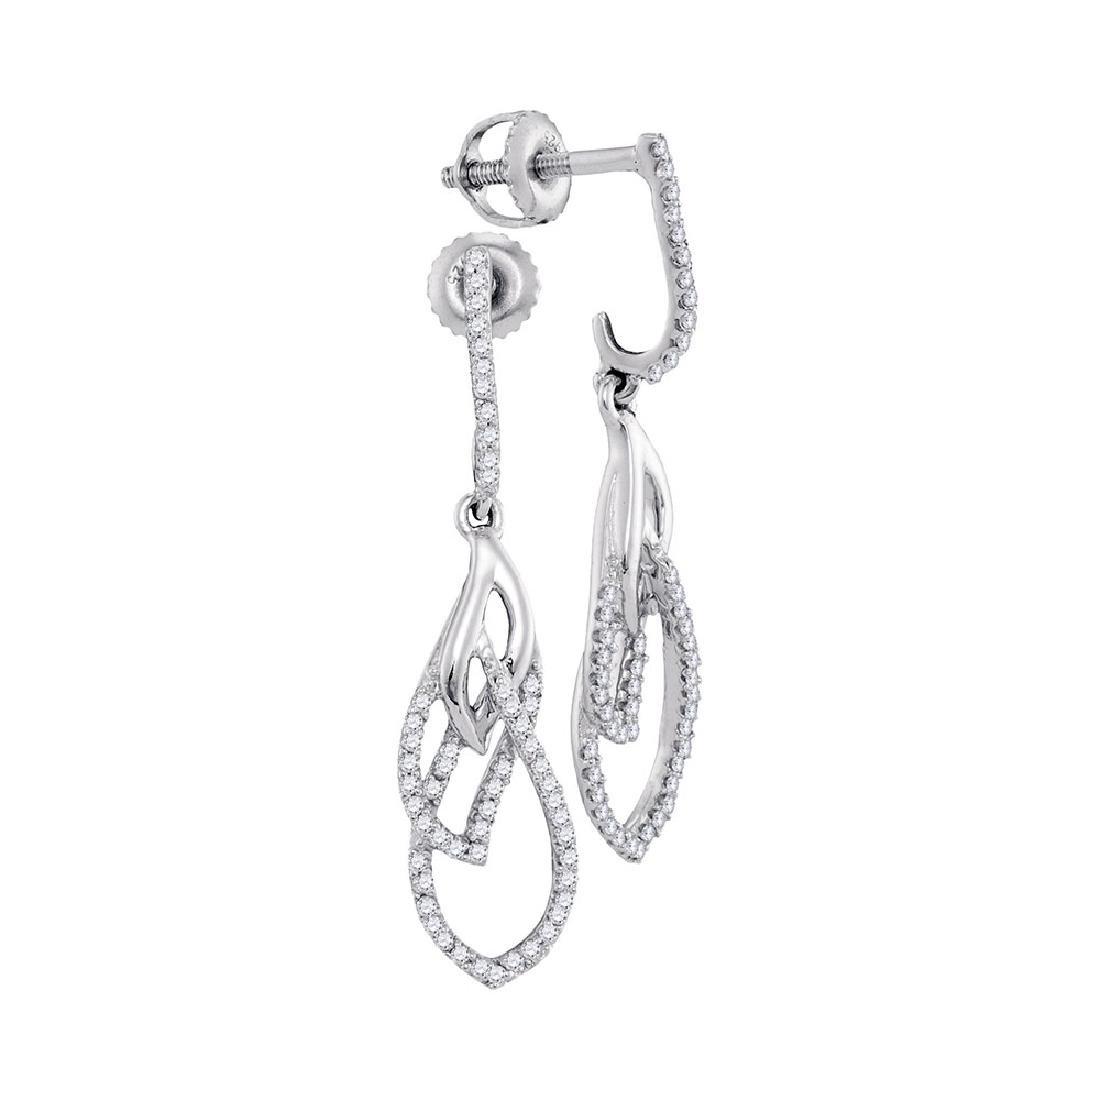 0.25 CTW Diamond Dangle Earrings 10KT White Gold -